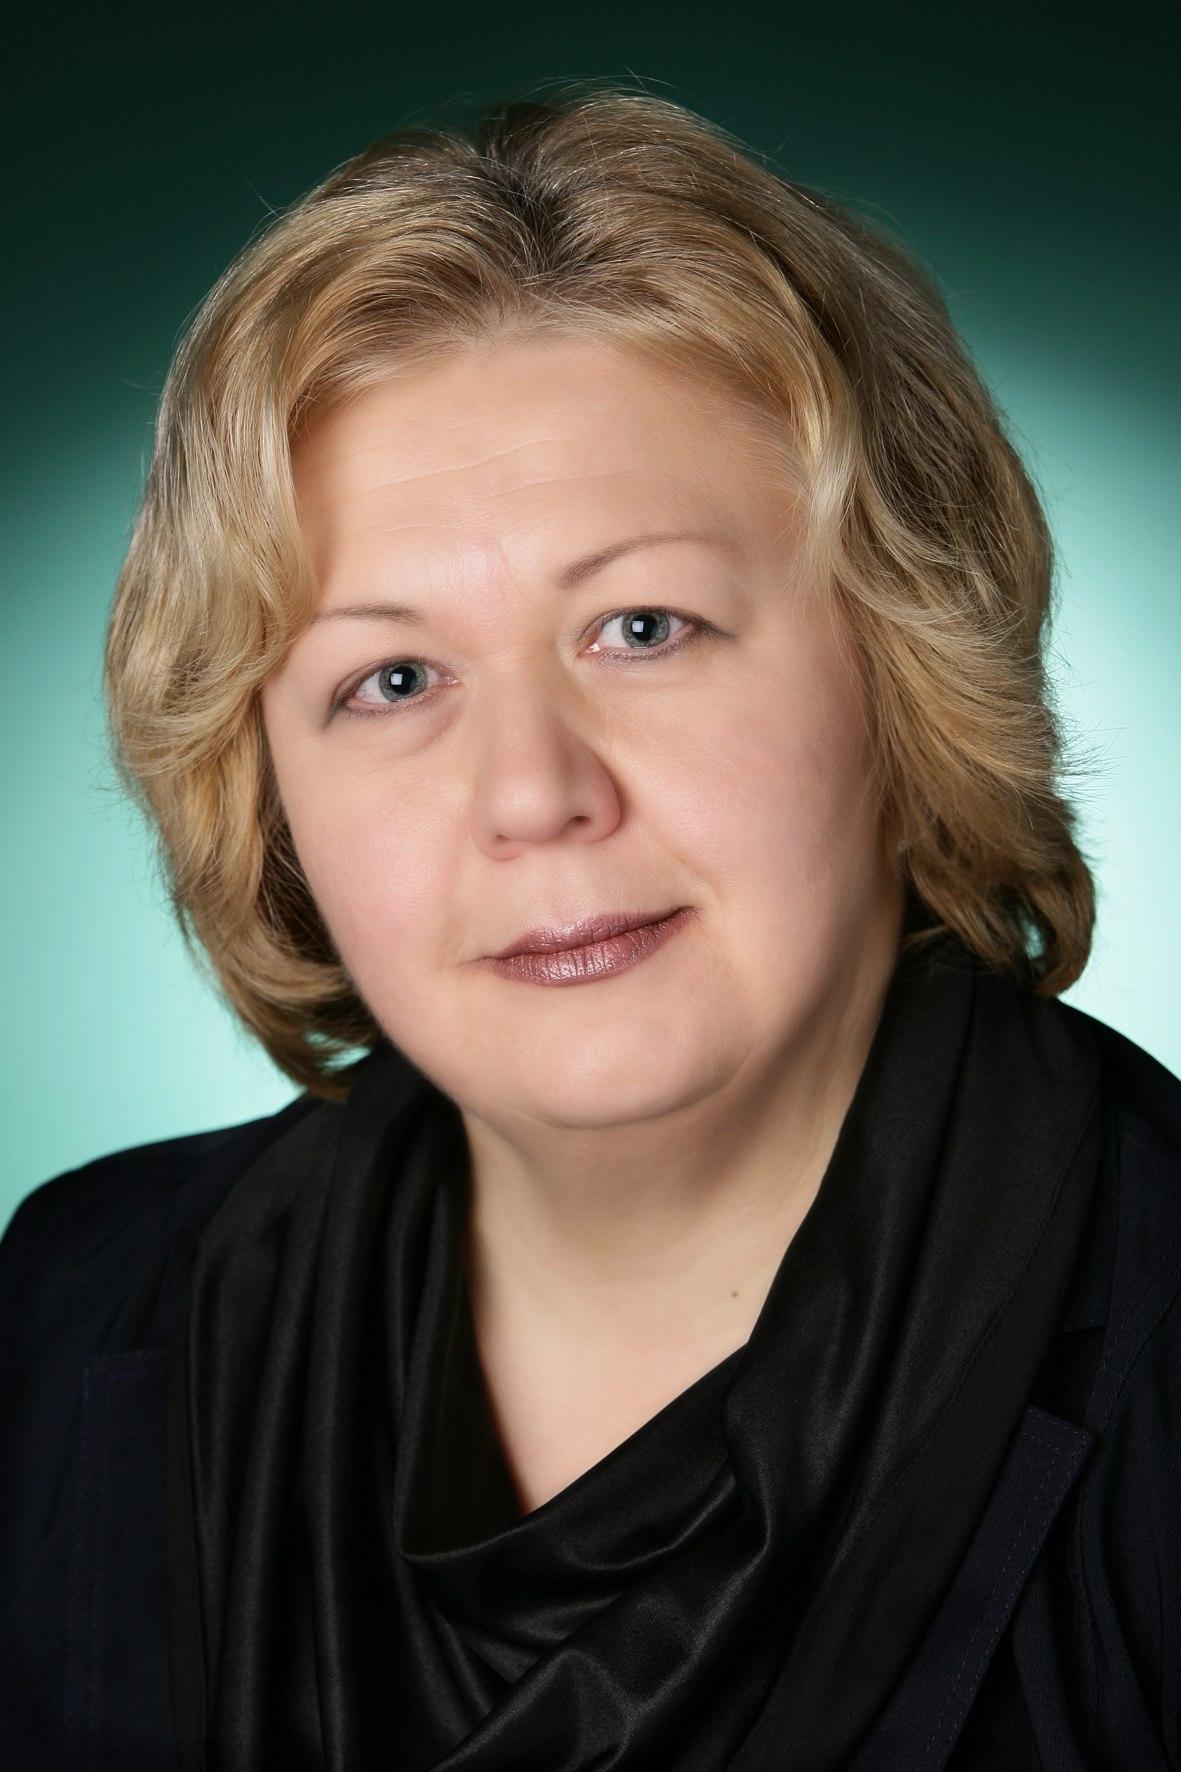 Наталья Анатольевна Зубчёнок